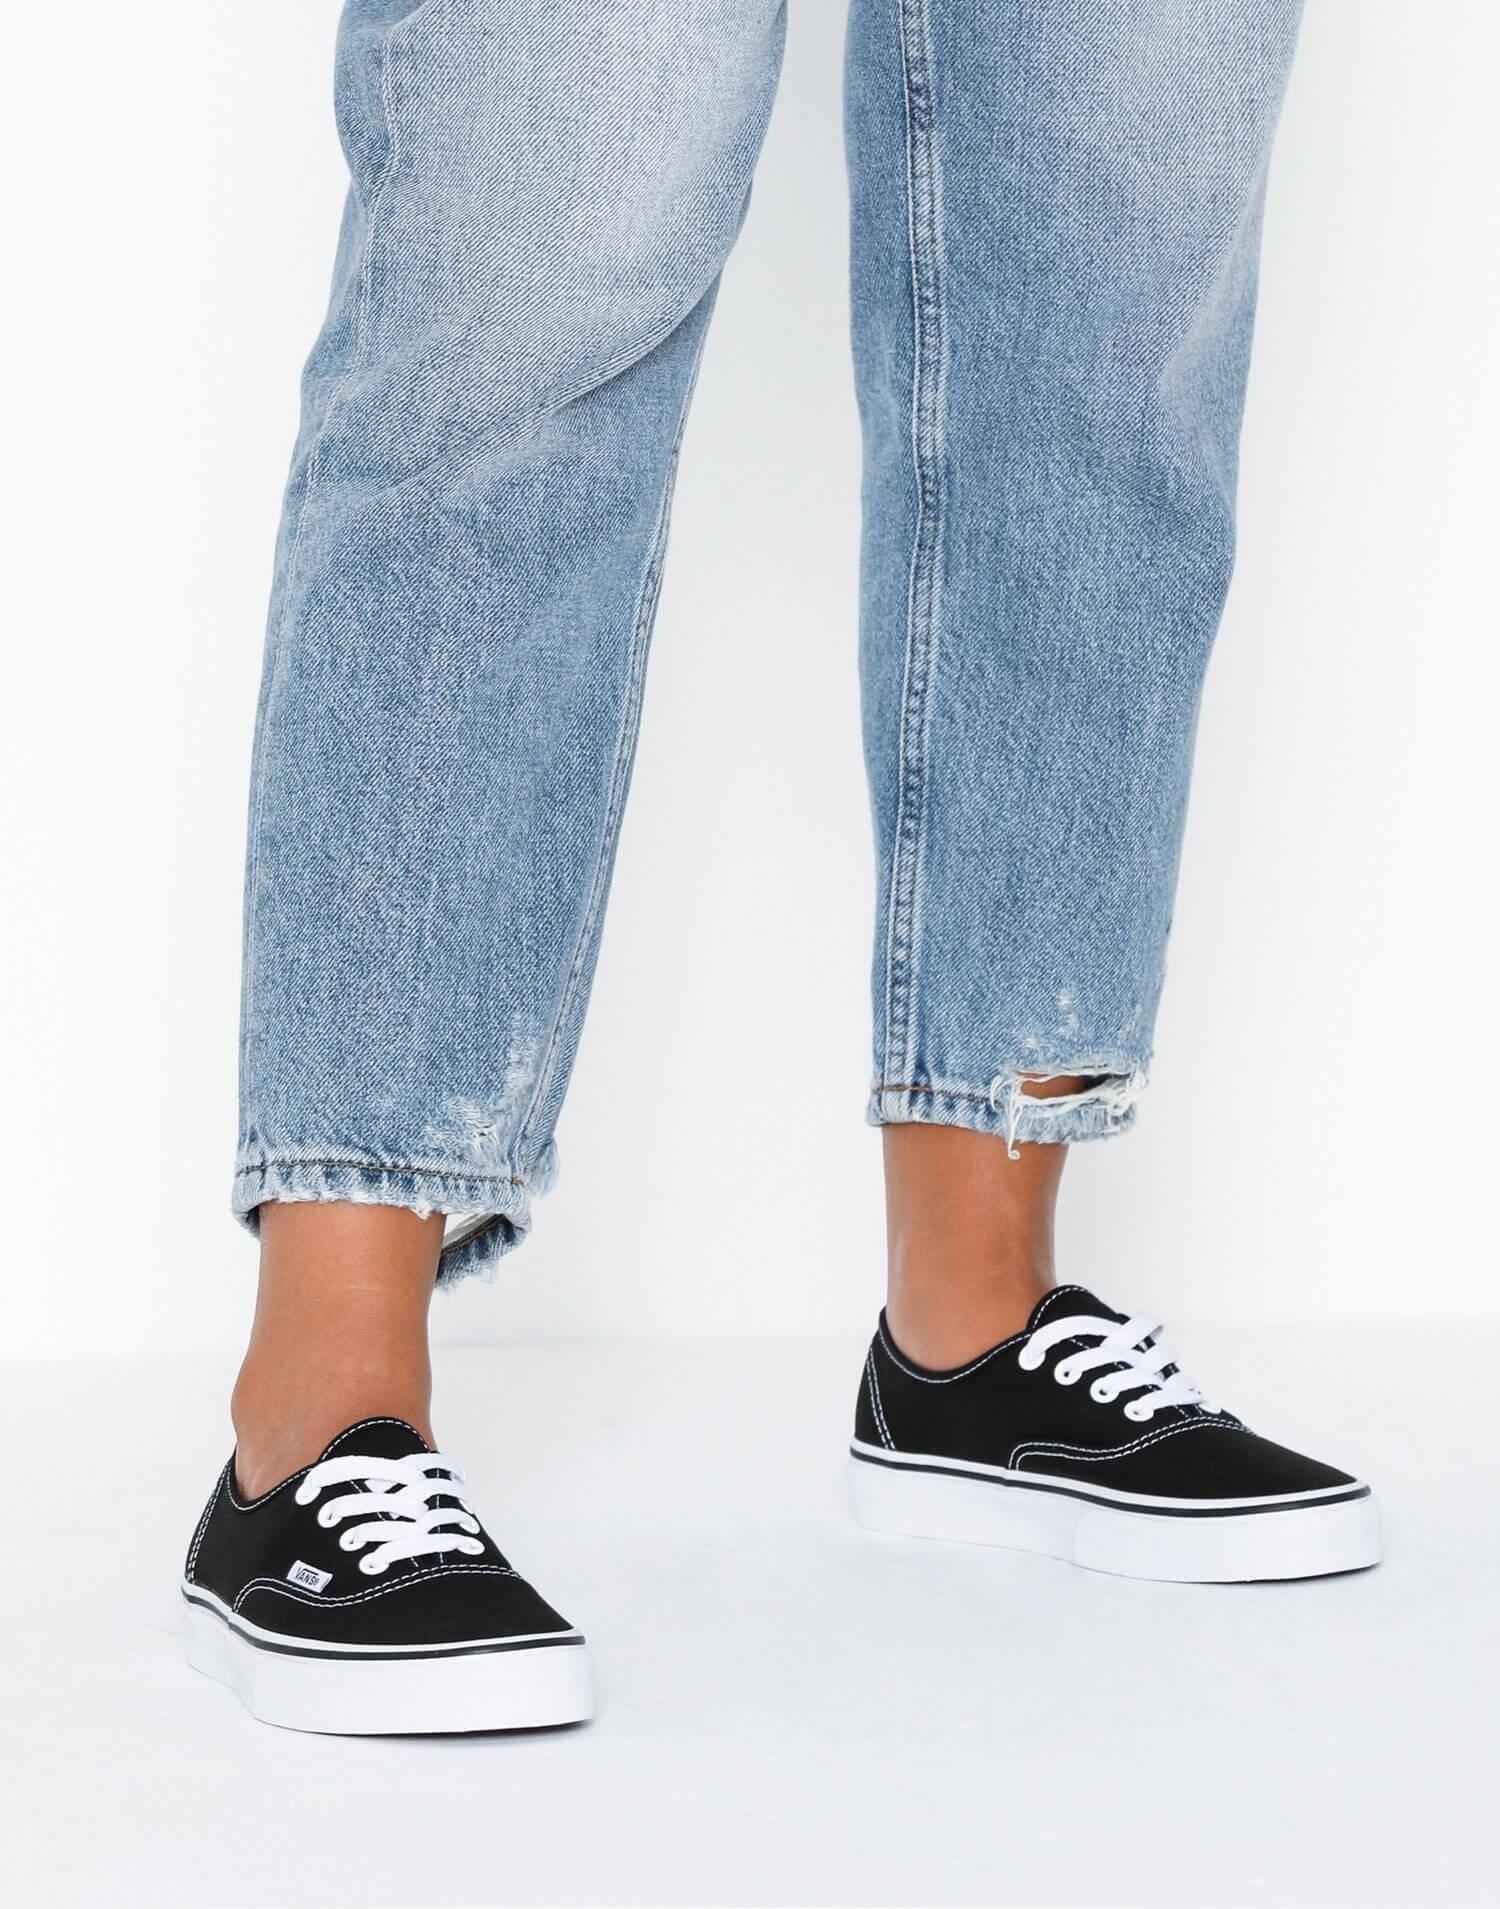 Ett par låga, svarta sneakers från Vans.